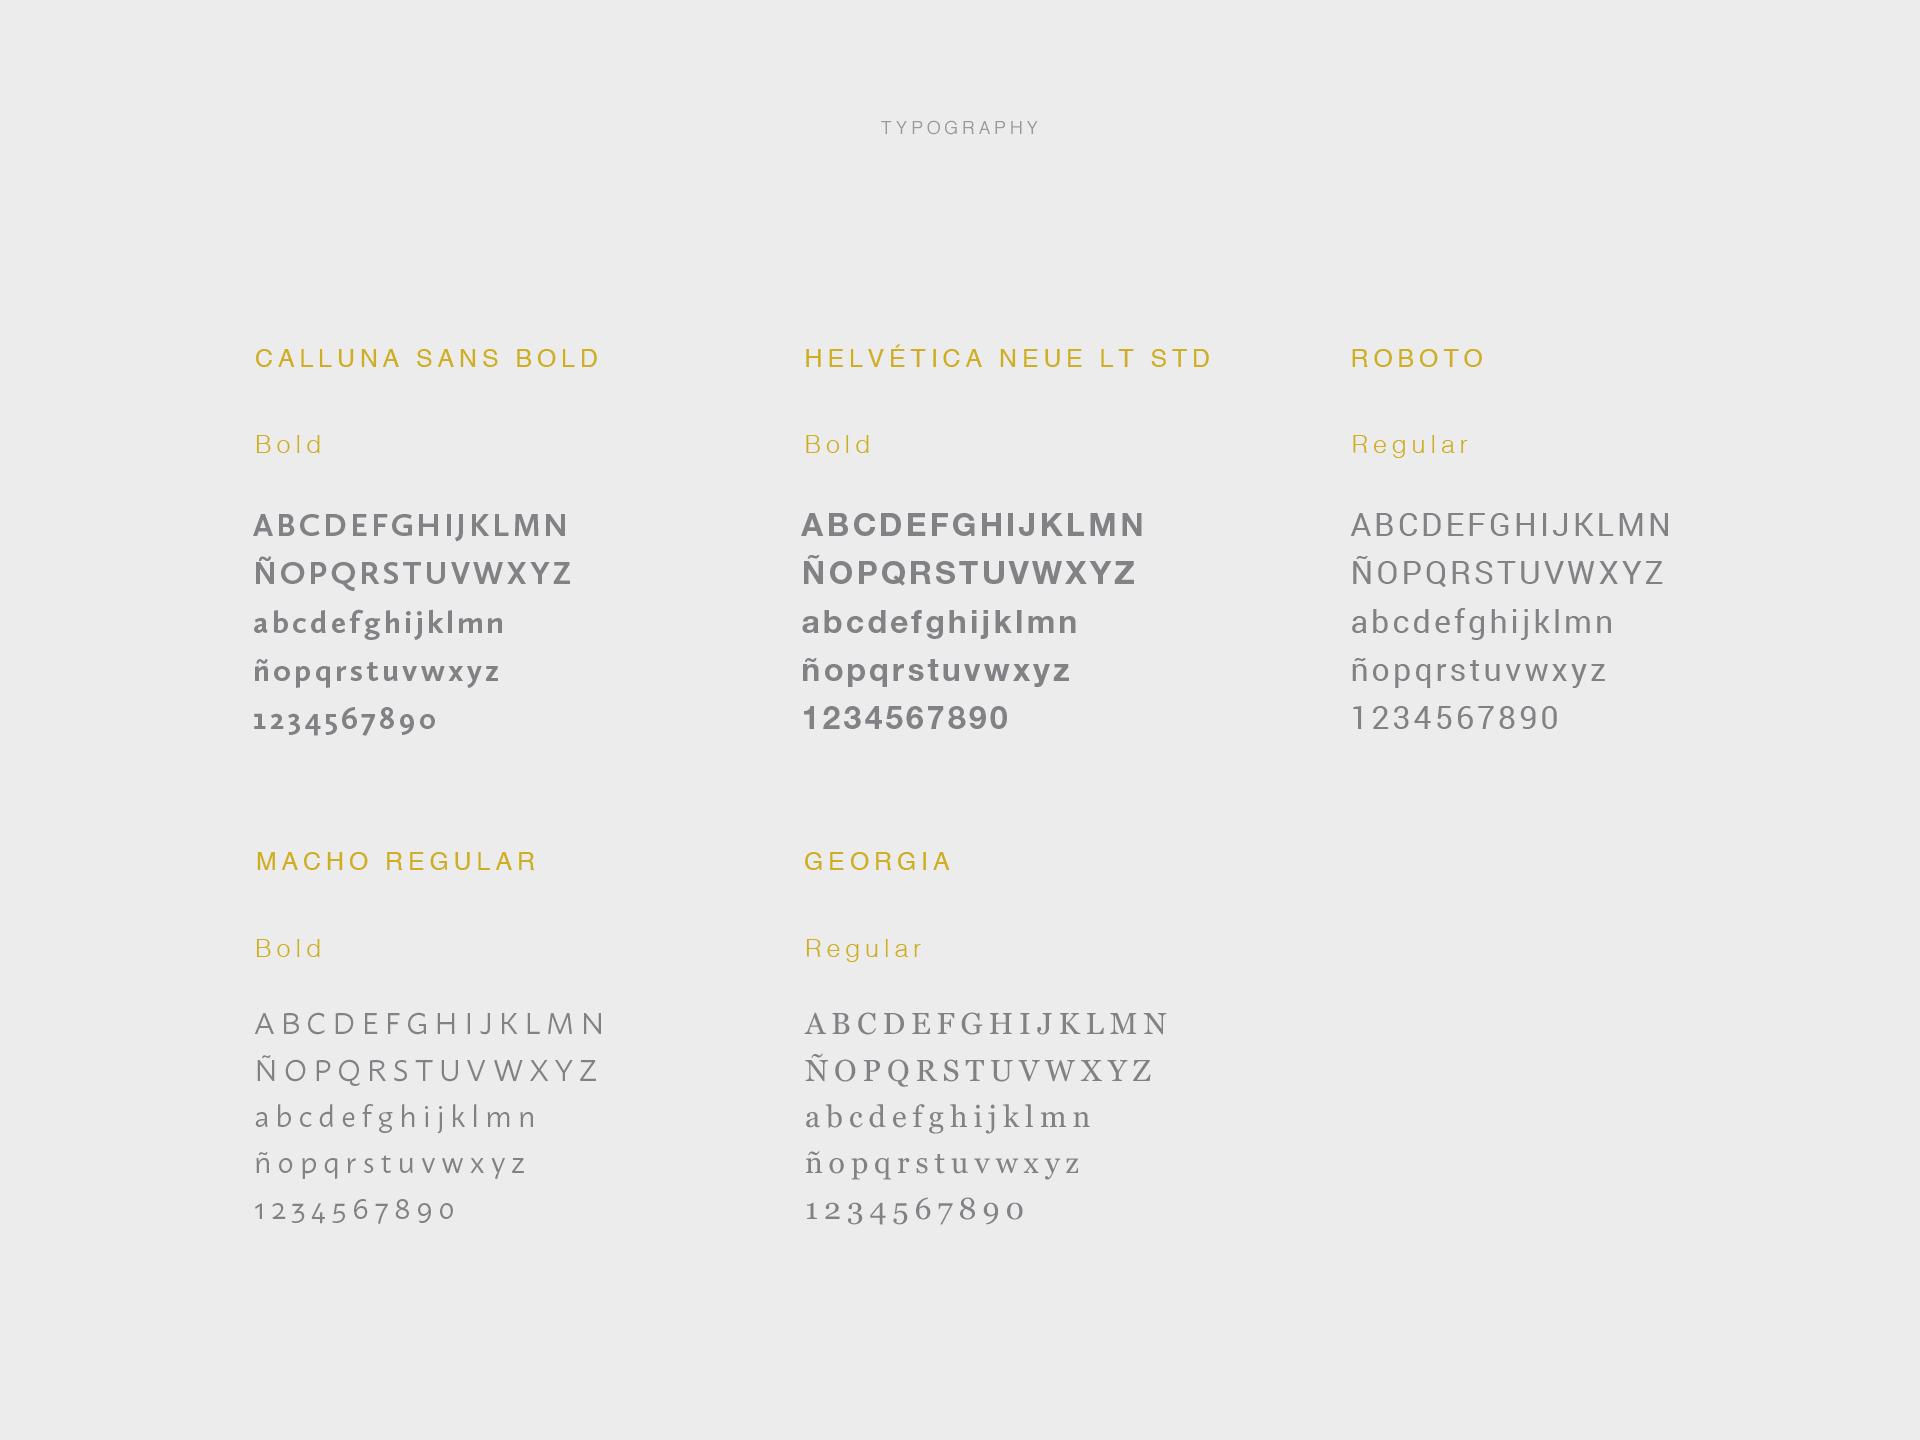 Jhonatan Medina Caguana_Brendan Meridian_Typografia_Work